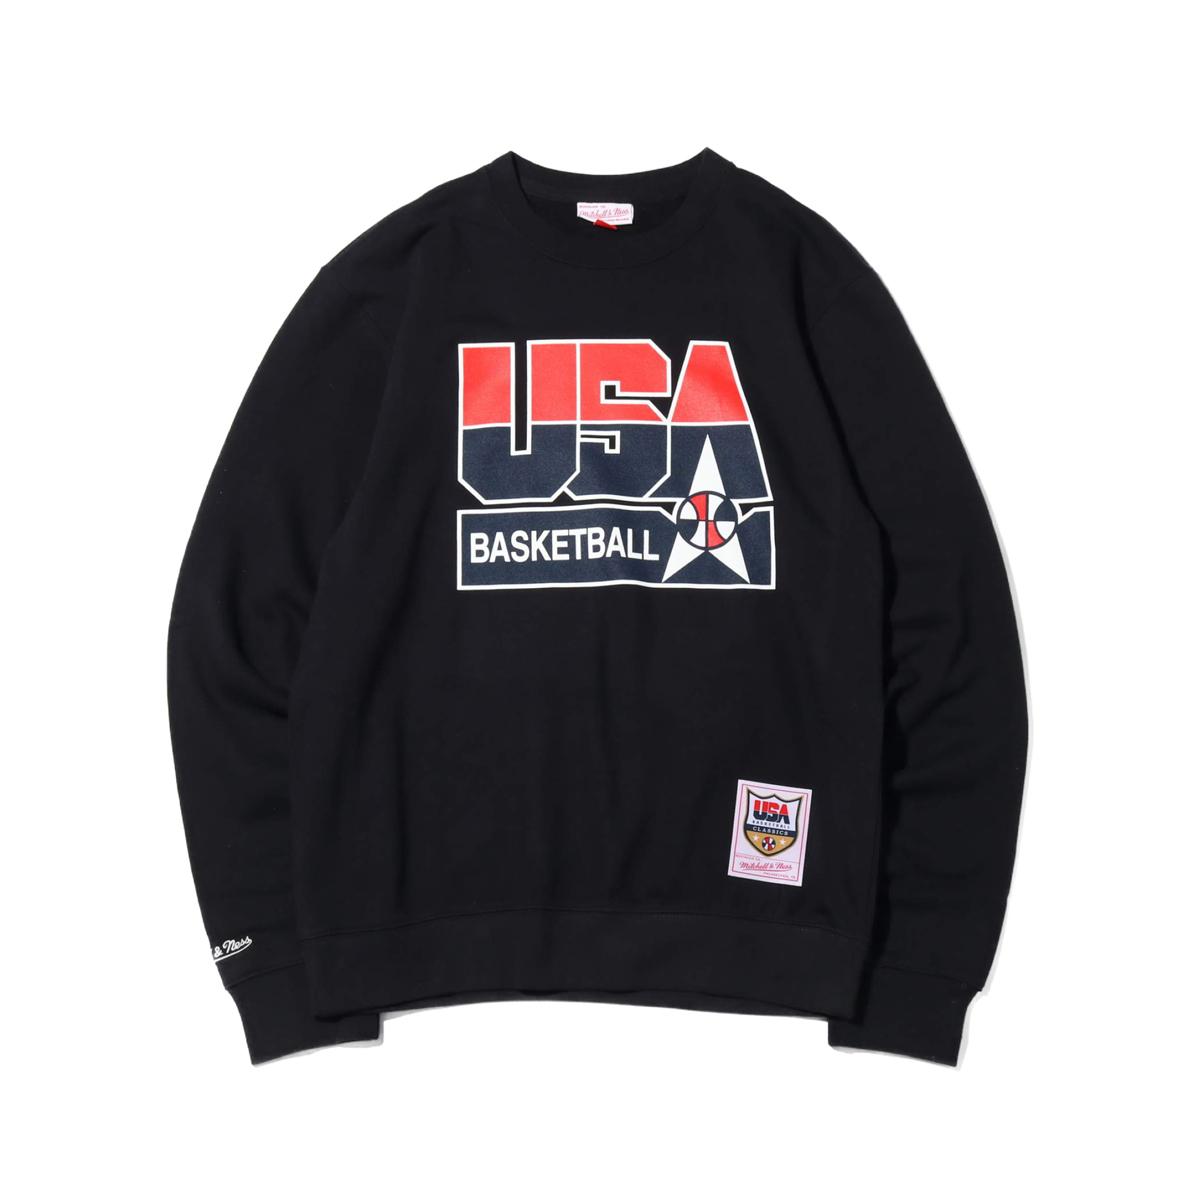 Mitchell & Ness 1992 USA DREAM TEAM BASKETBALL CREW(ミッチェルアンドネス '92 USA ドリームチーム ロゴ クルーネック)BLACK【メンズ スウェット】19FW-I